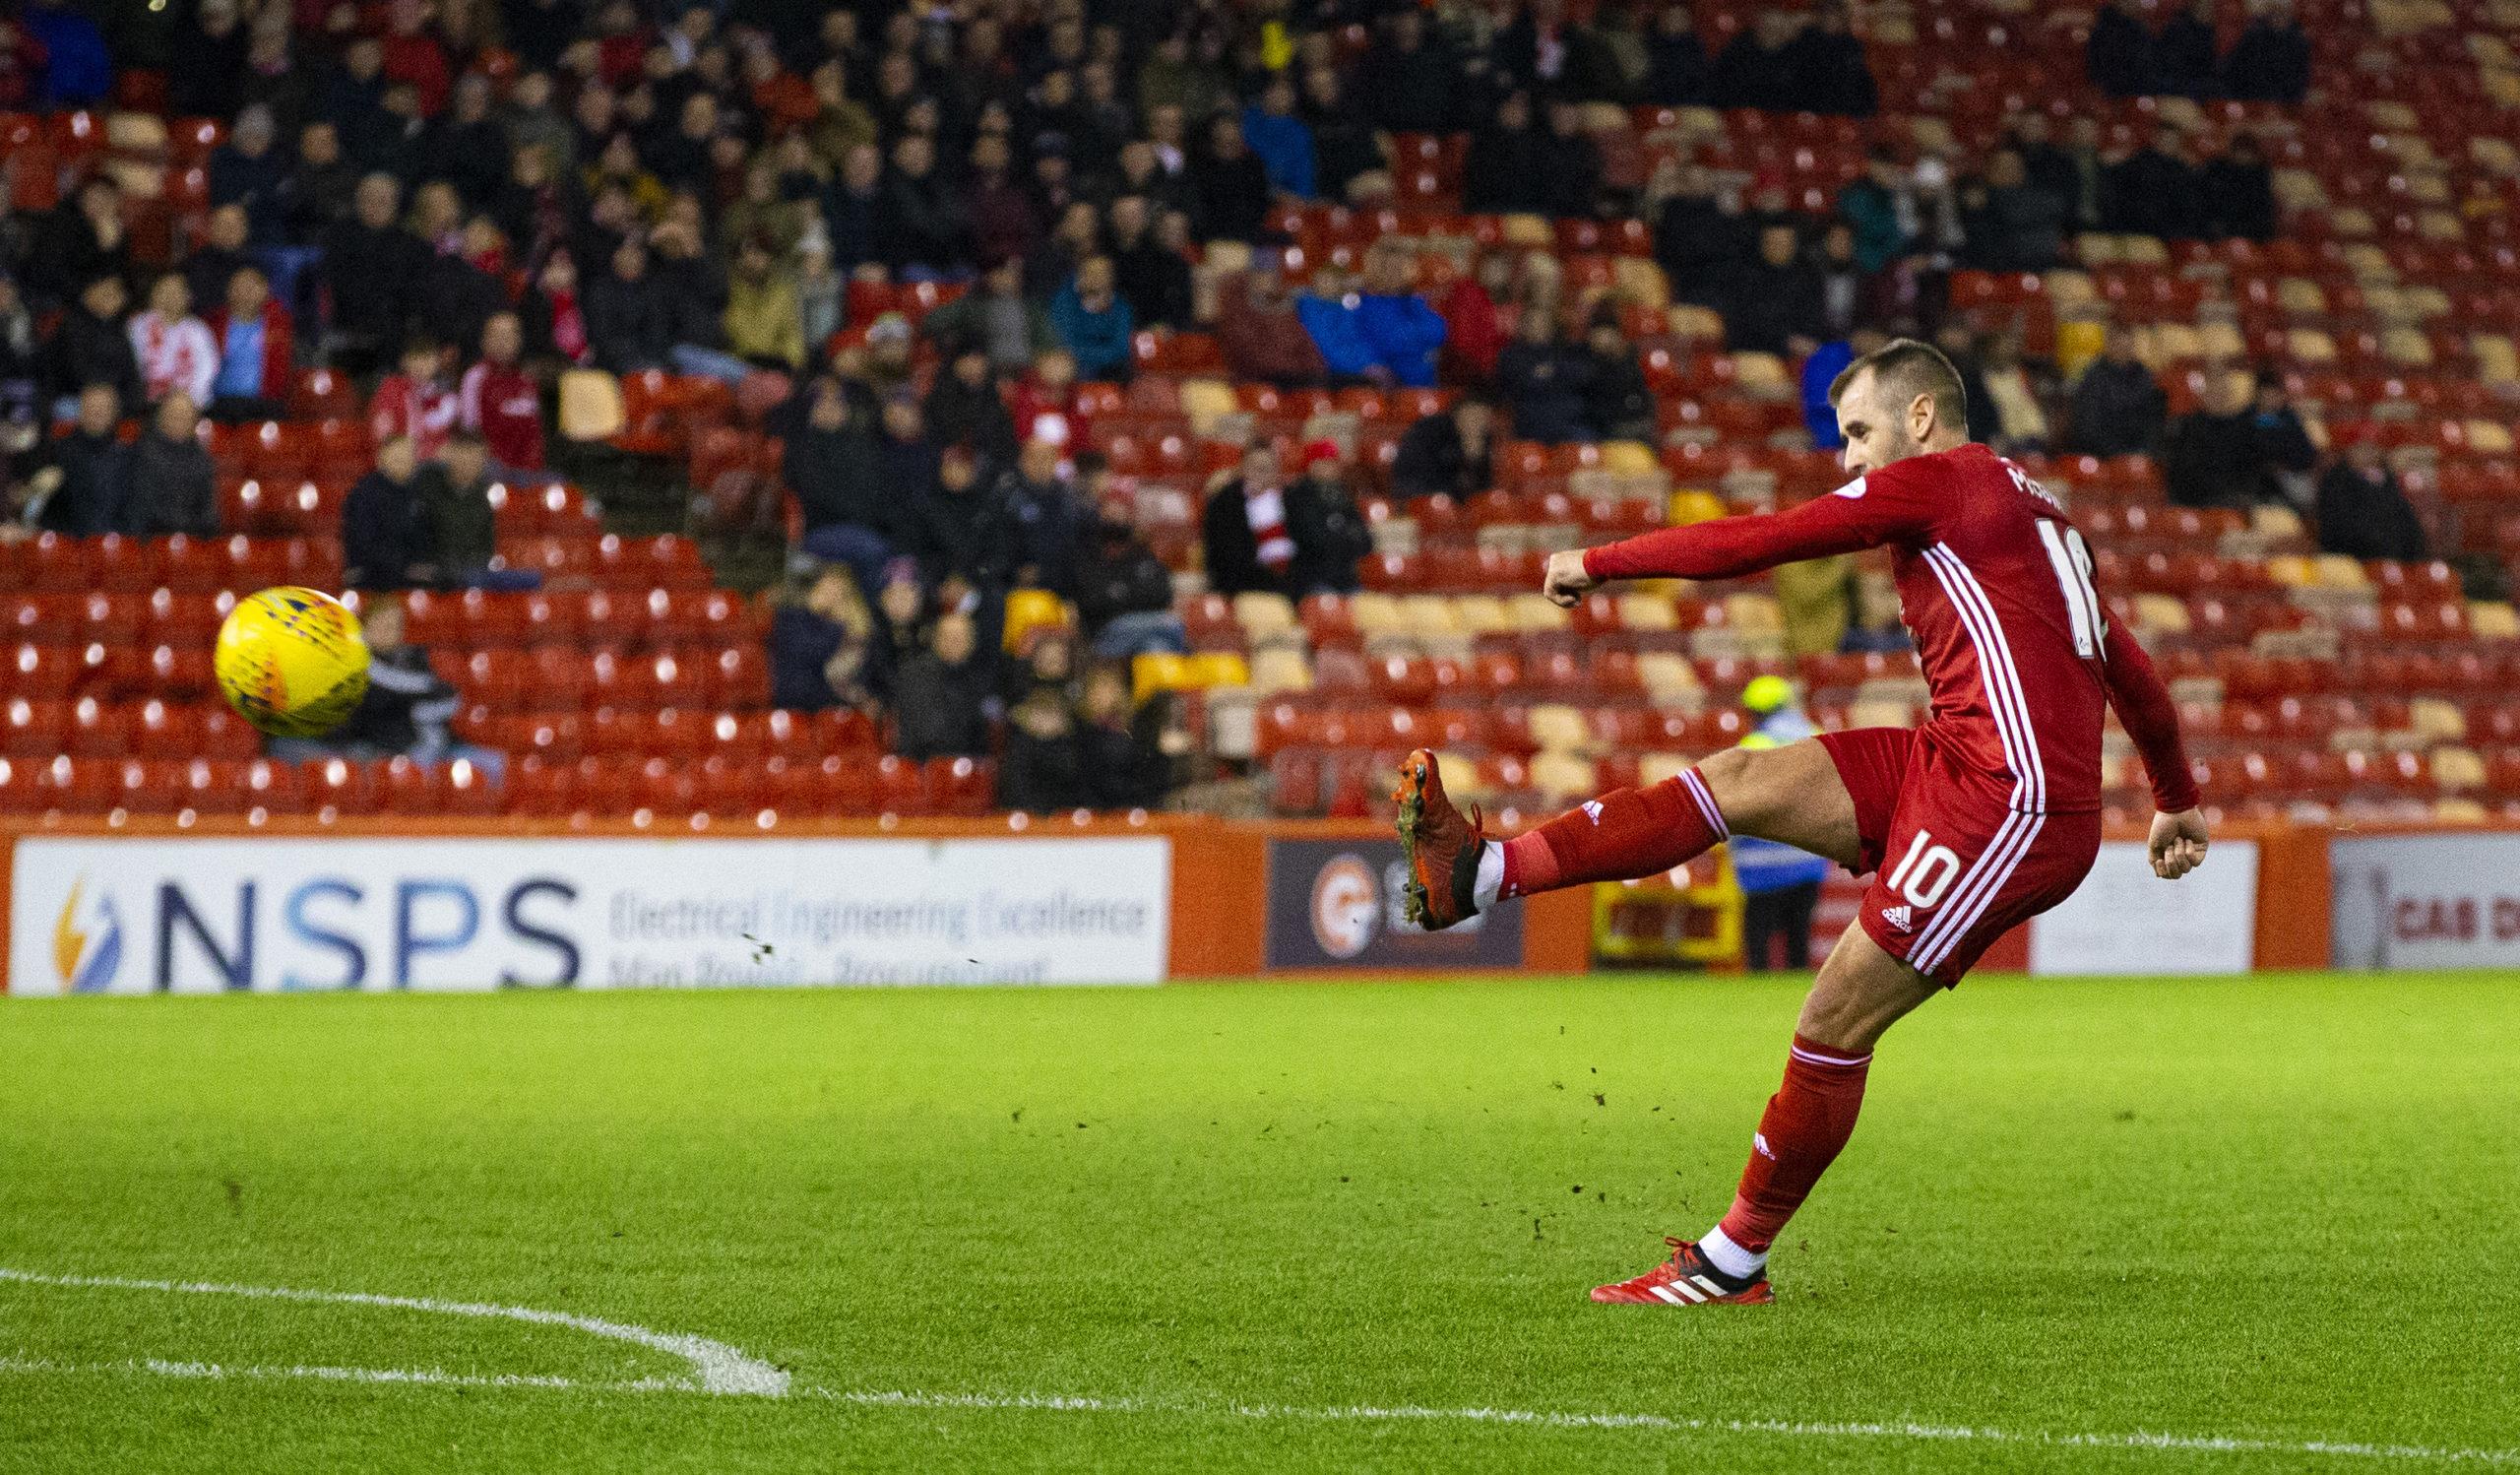 Aberdeen's Niall McGinn in action